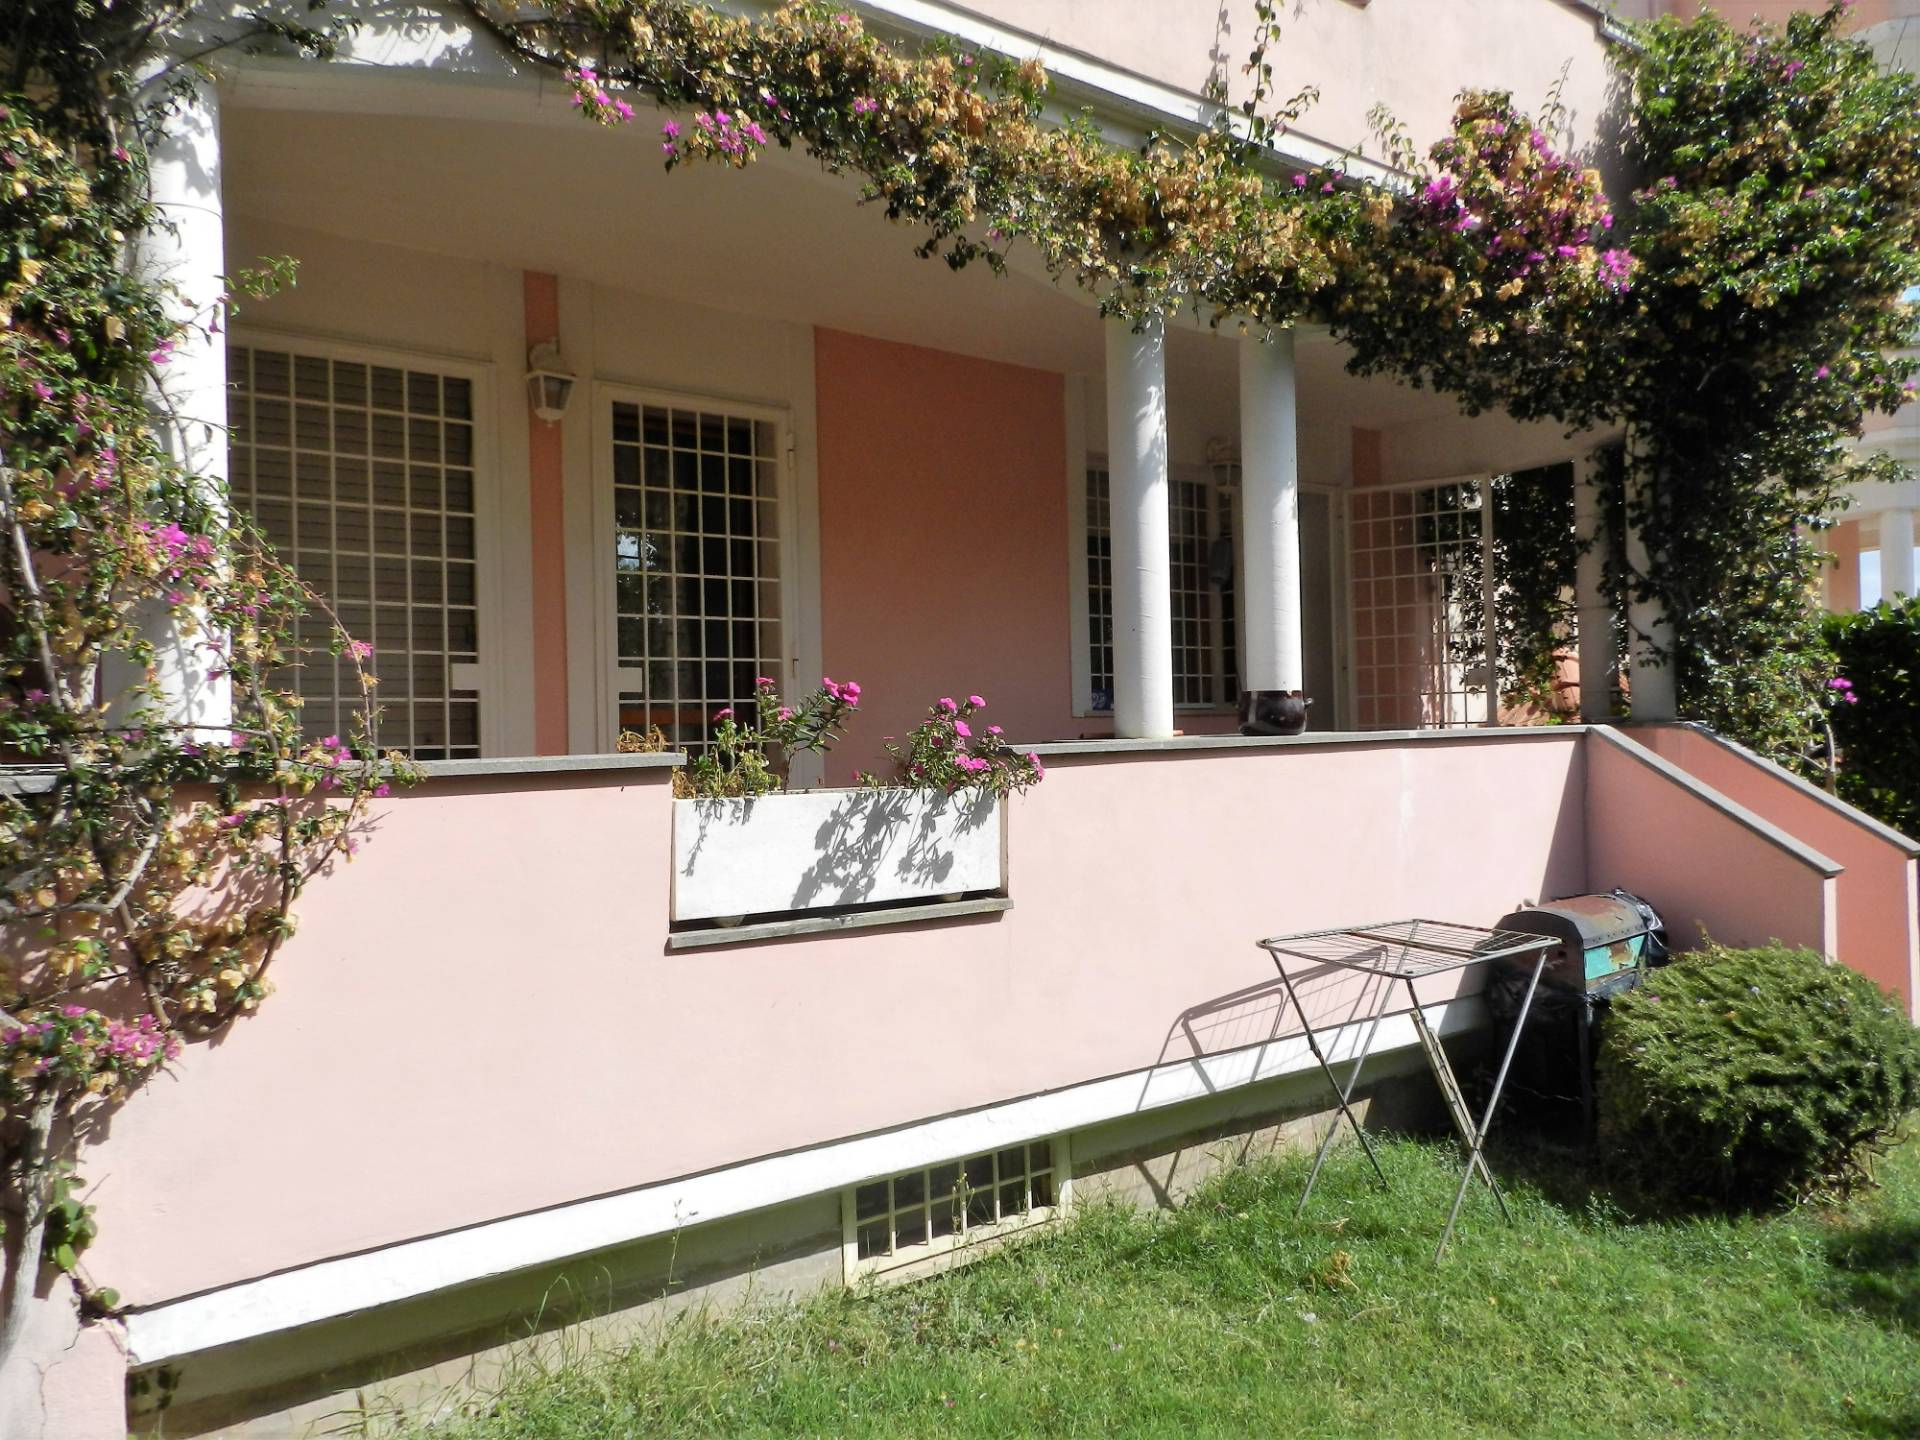 Appartamento in vendita a Santa Marinella, 5 locali, zona Località: Castelsecco, prezzo € 140.000 | CambioCasa.it